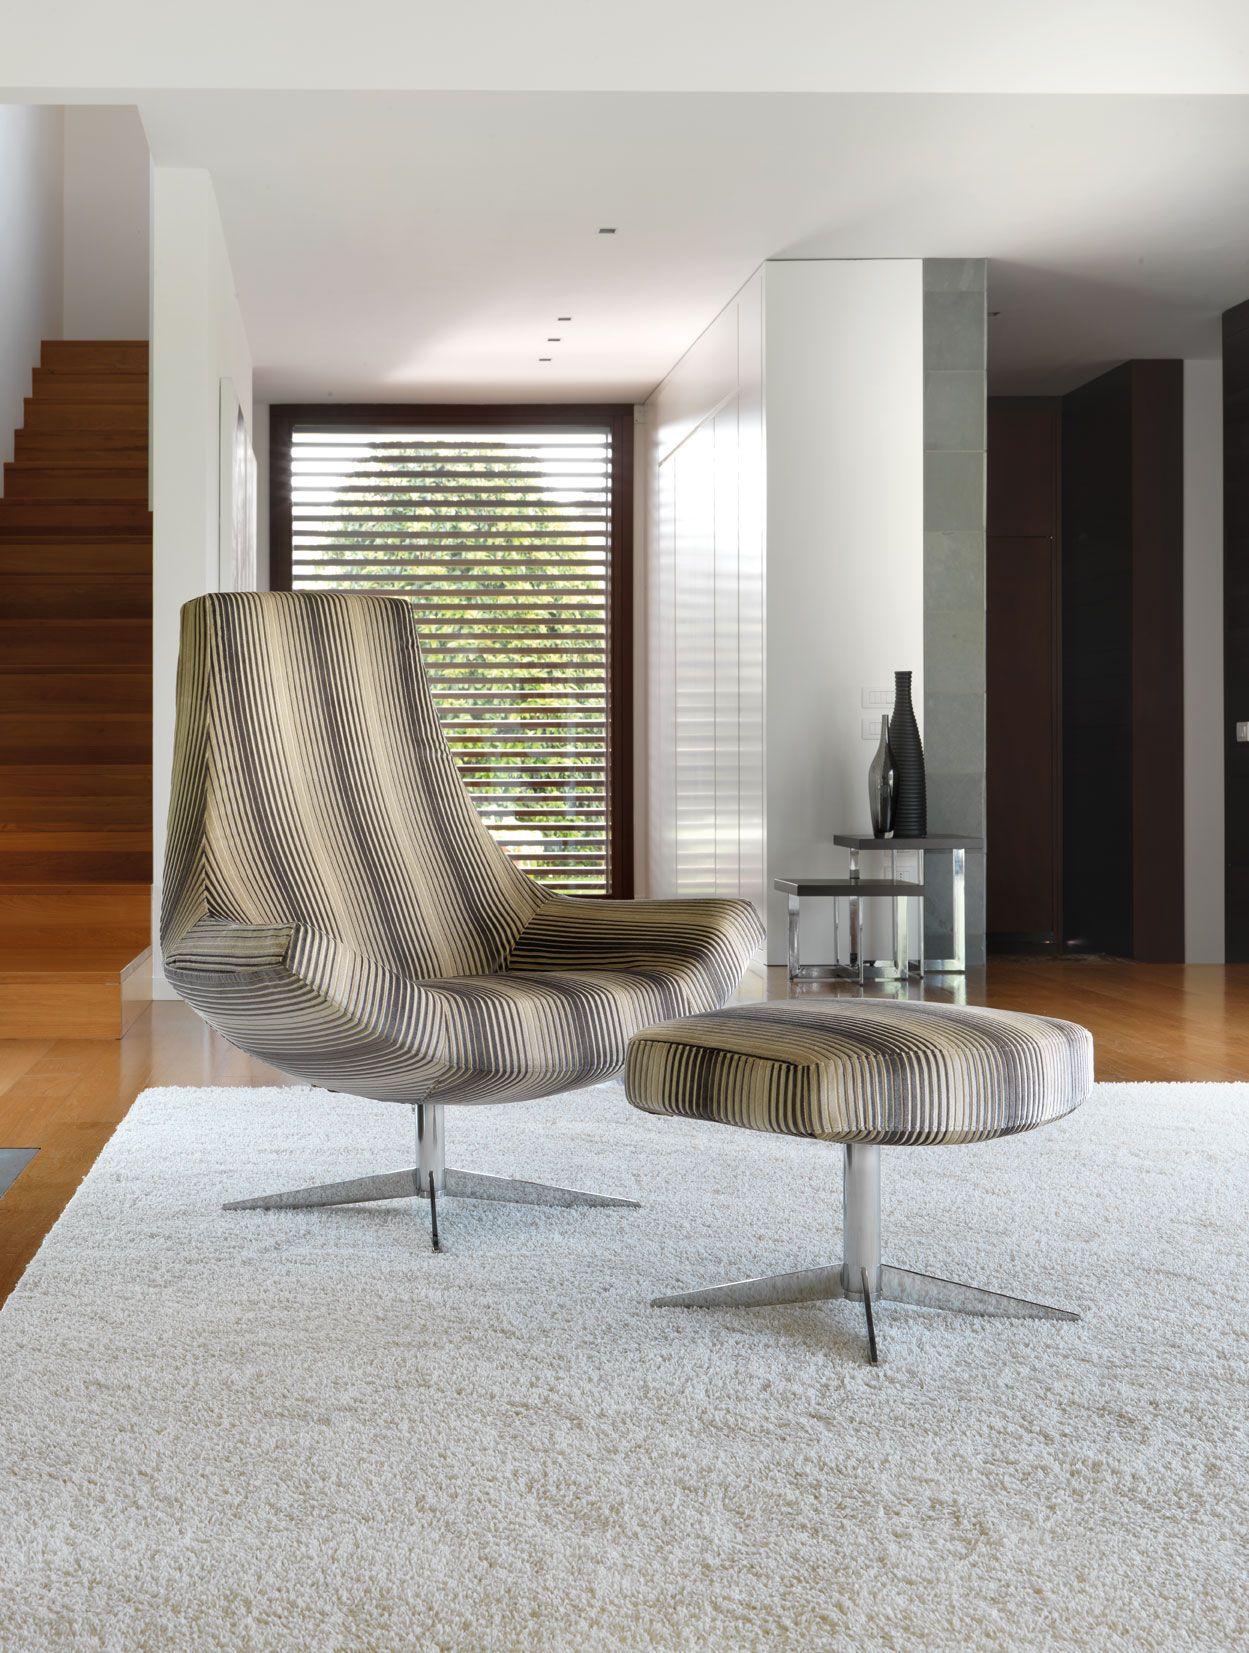 Divani - Fauteuils - Ala Piu - Schenk uw interieur een moderne toets ...